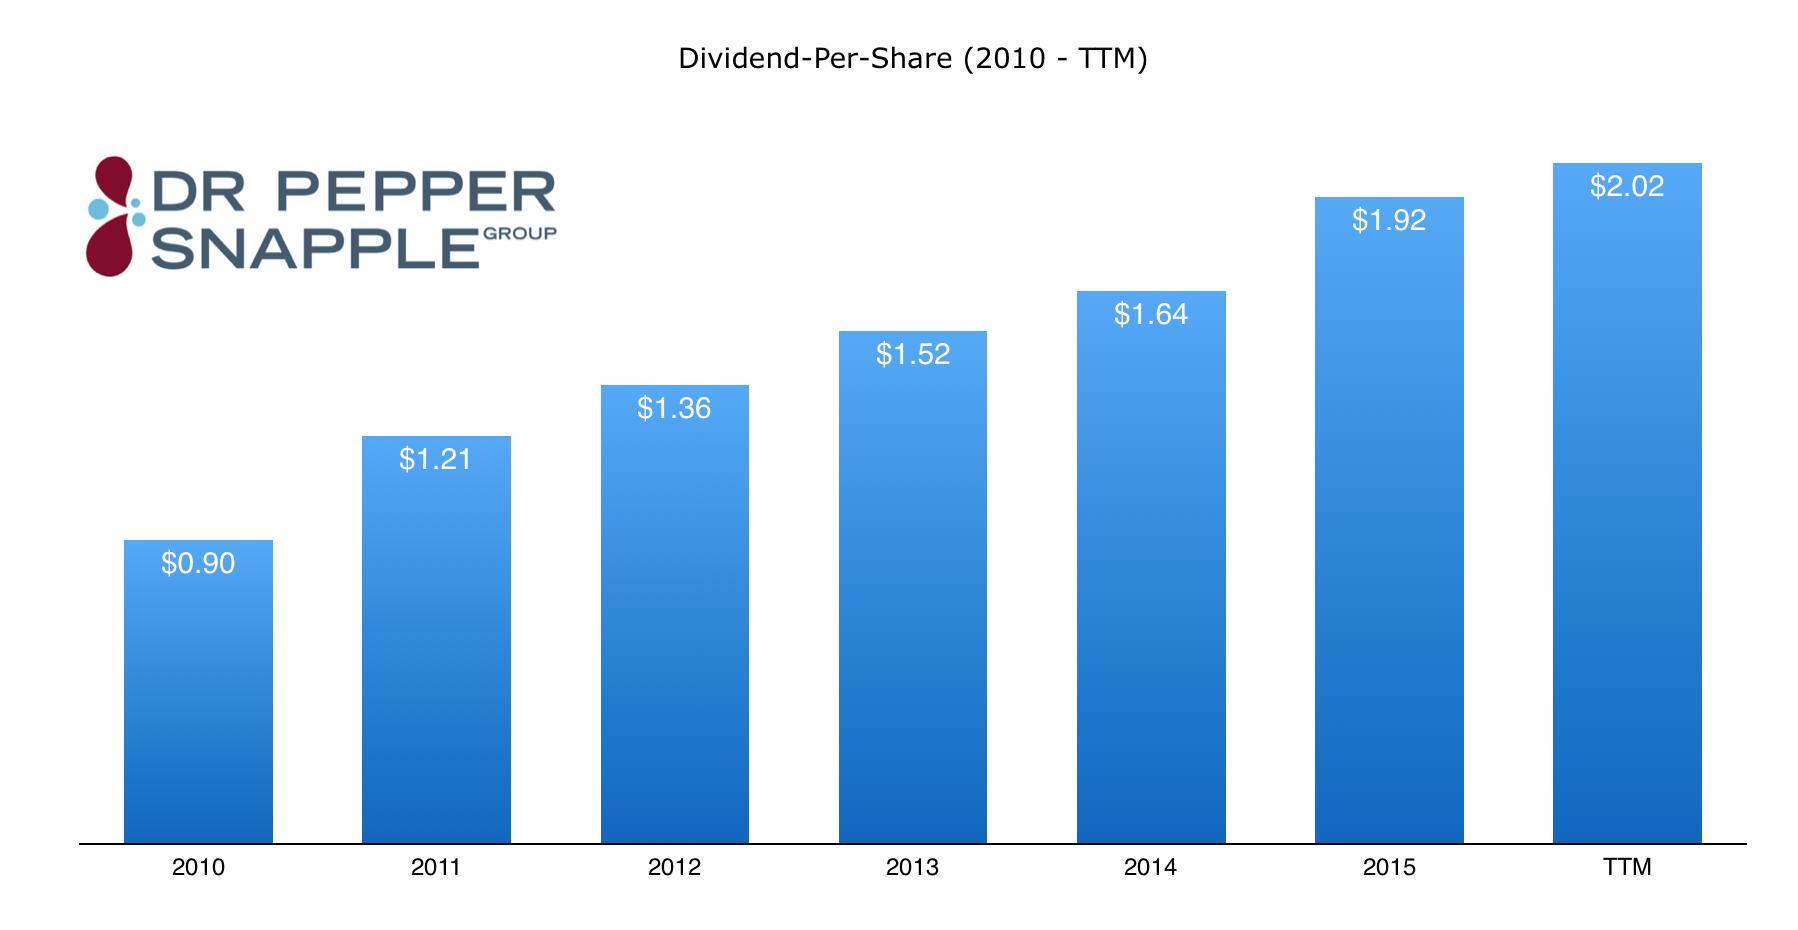 dr_pepper_snapple_dividends